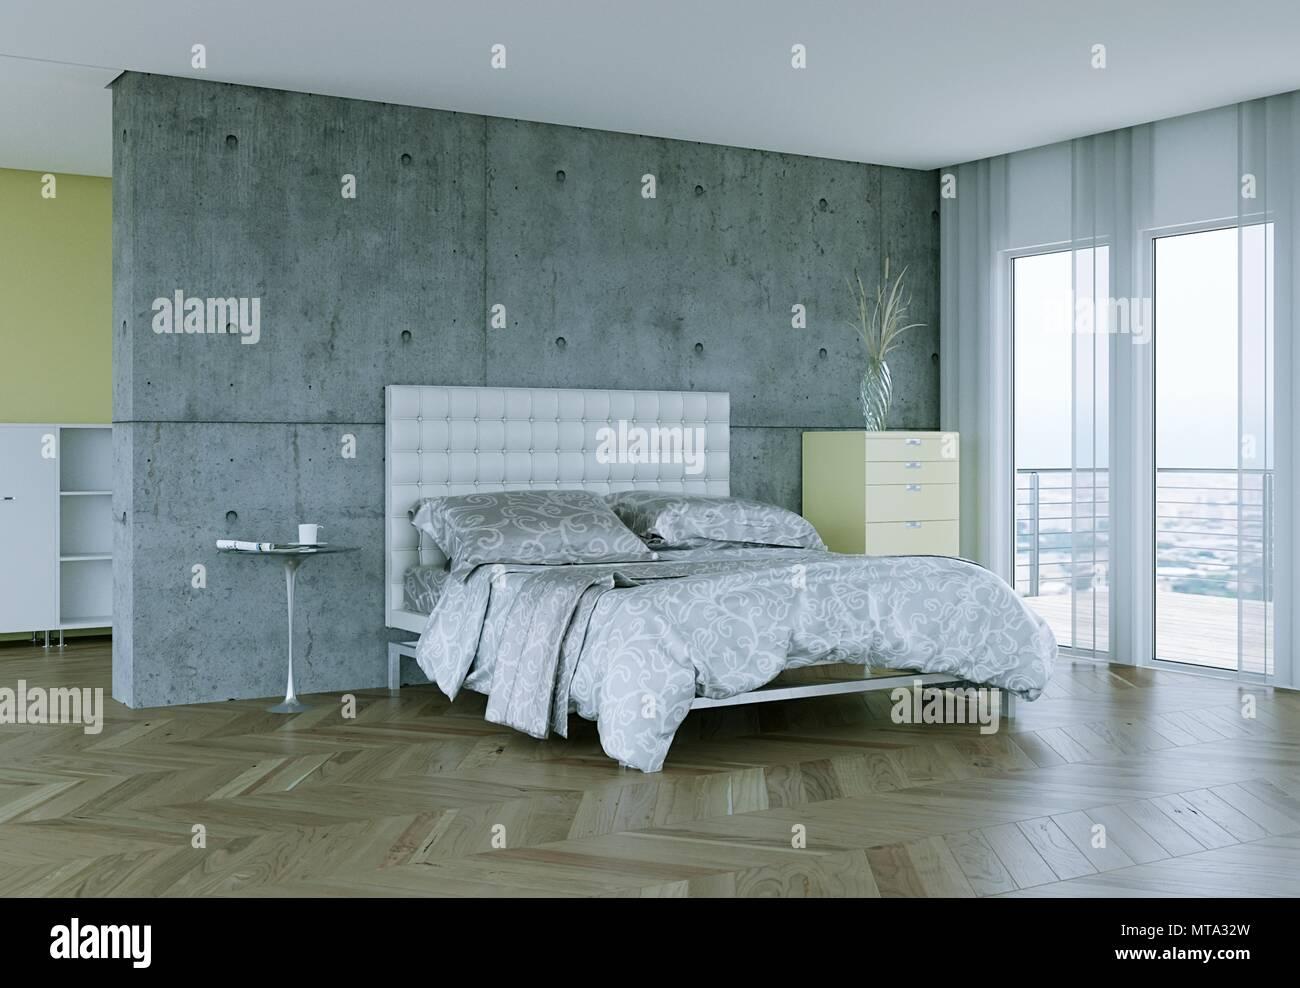 Modernes schlafzimmer mit beton wand und moderne einrichtung